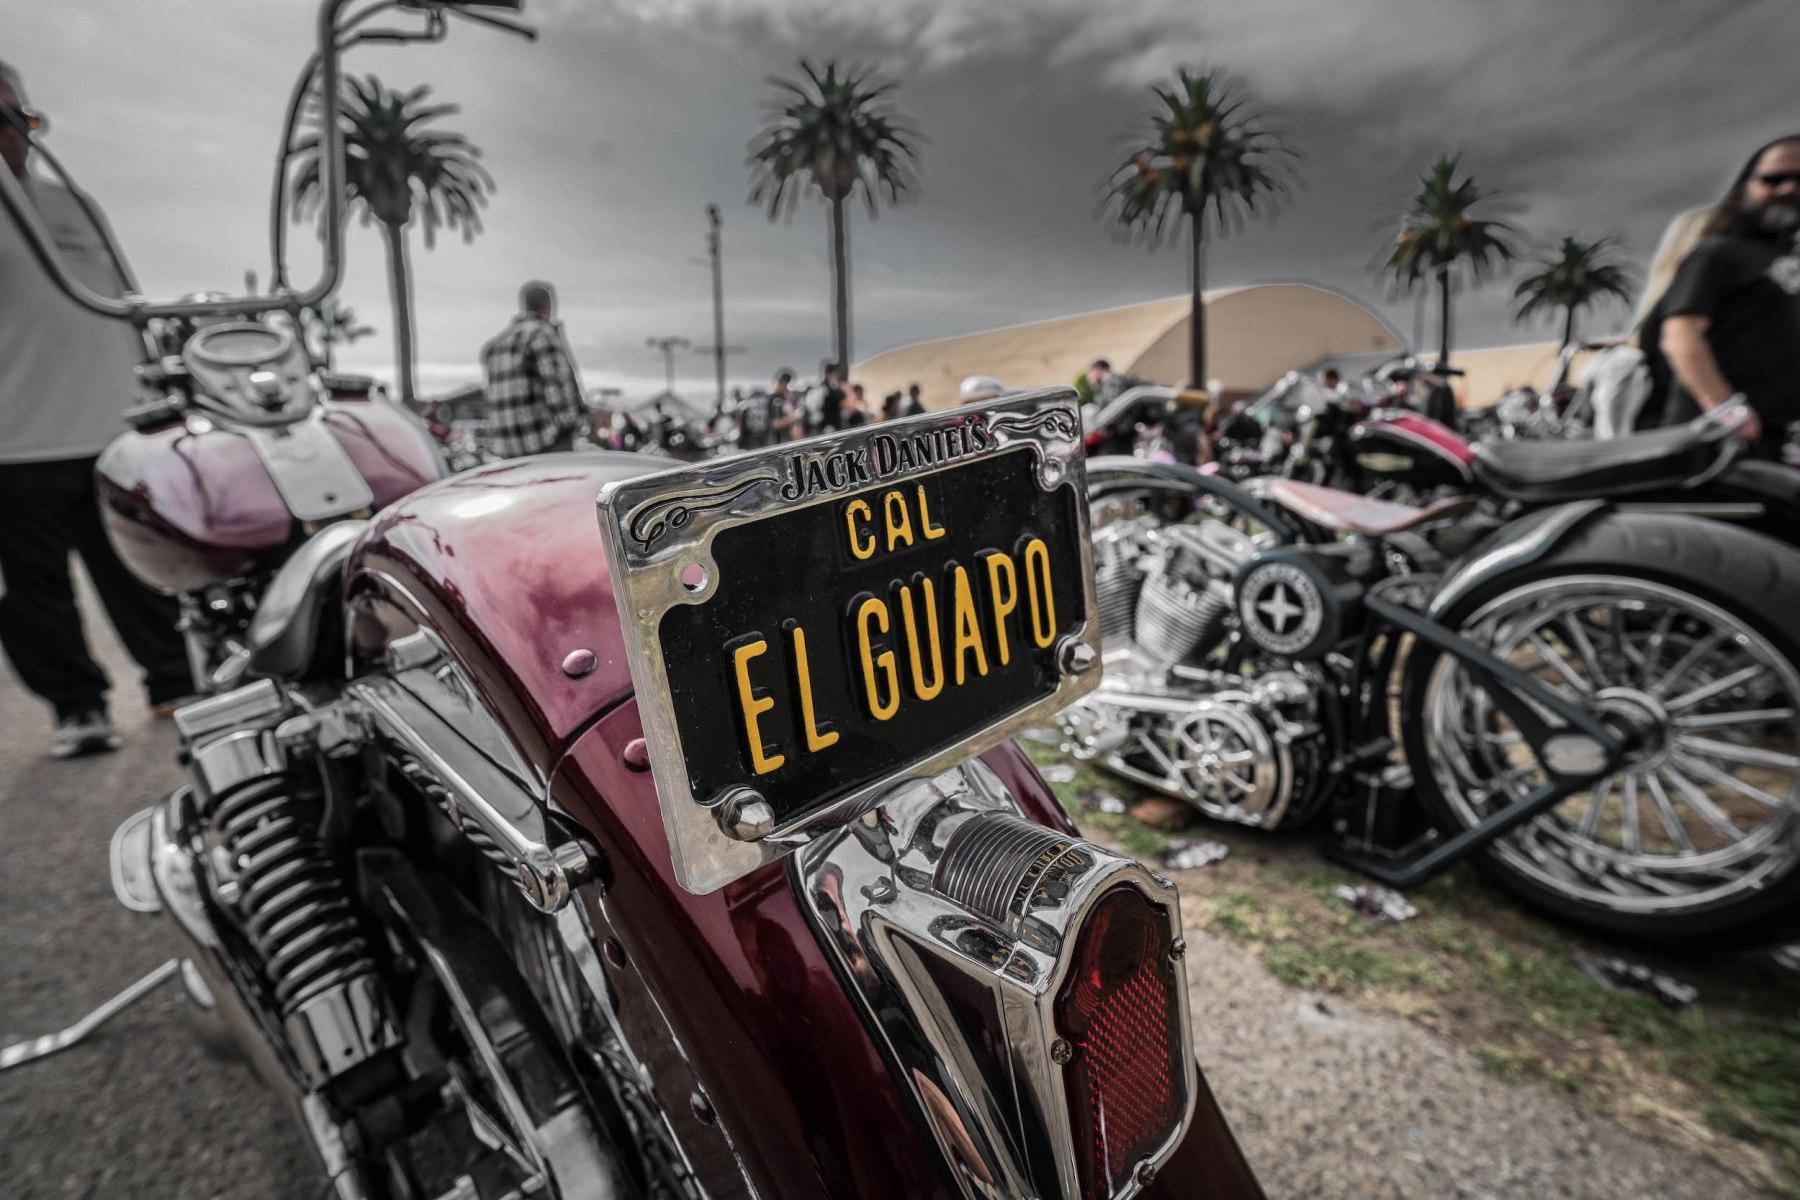 ElGuapo-1-of-1